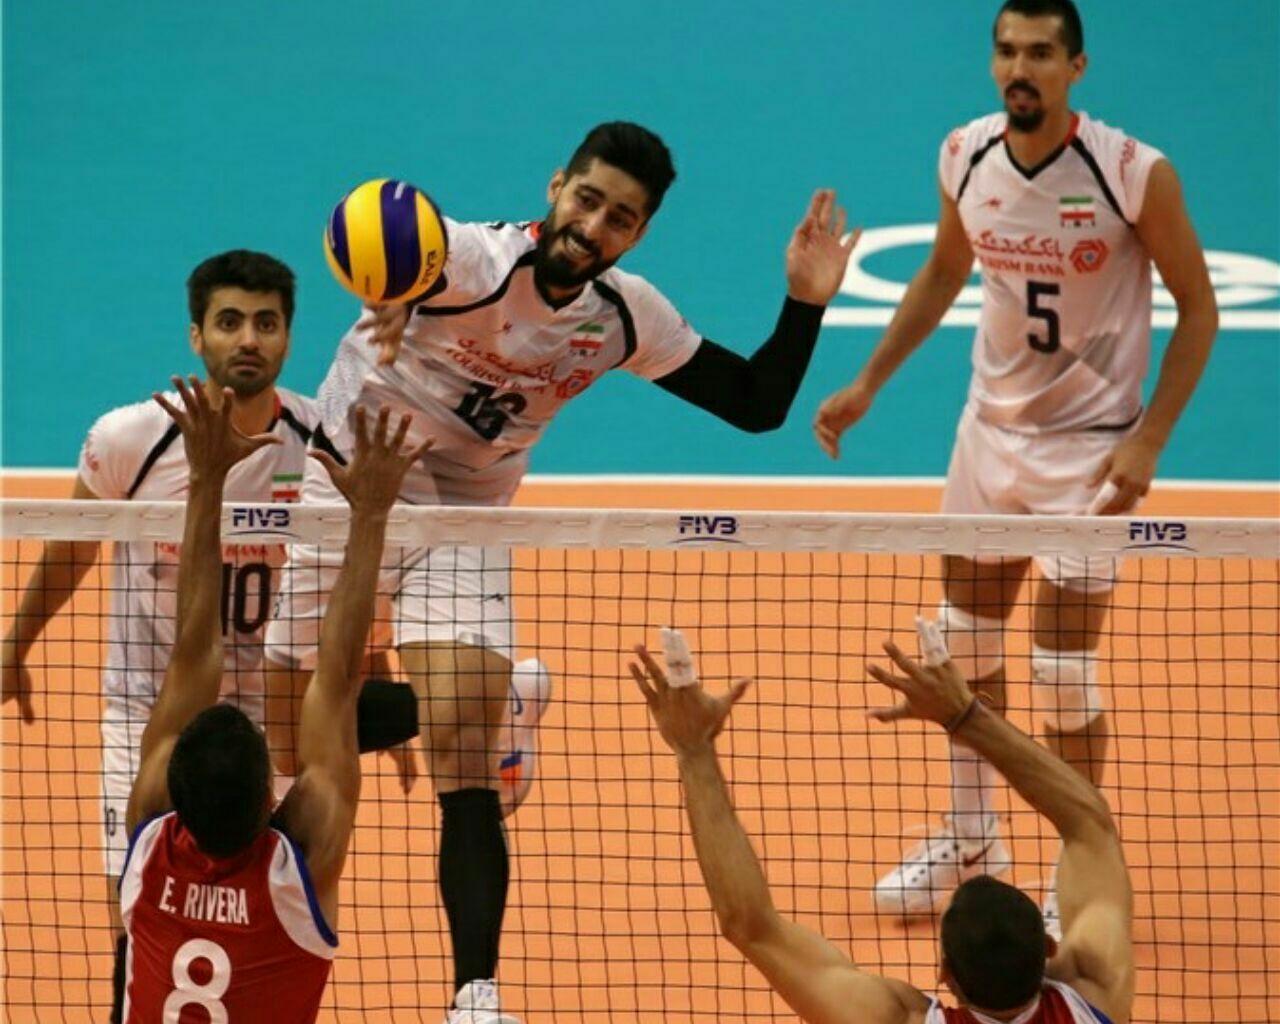 والیبال قهرمانی جهان؛ ایران ۳-۰ پورتوریکو؛ شروع مقتدرانه شاگردان کولاکوویچ